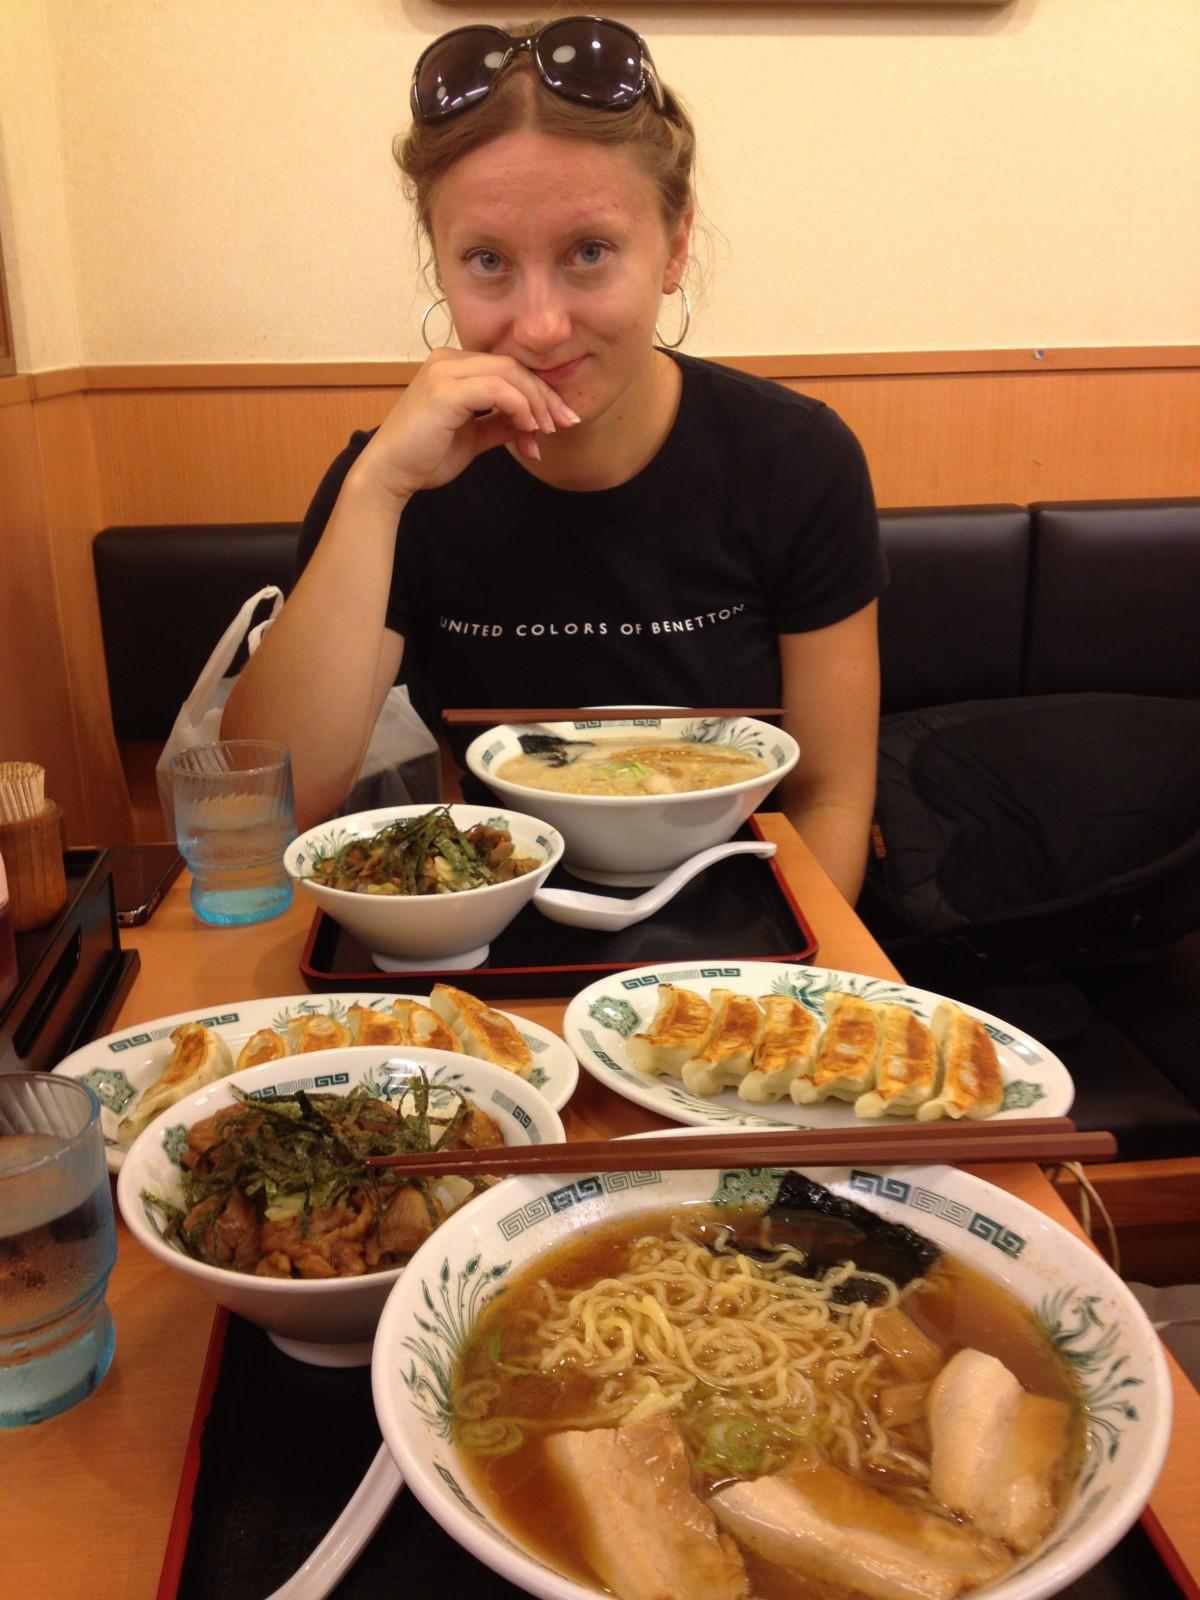 zwroty przydatne w restauracji w Japonii: Itadakimasu!